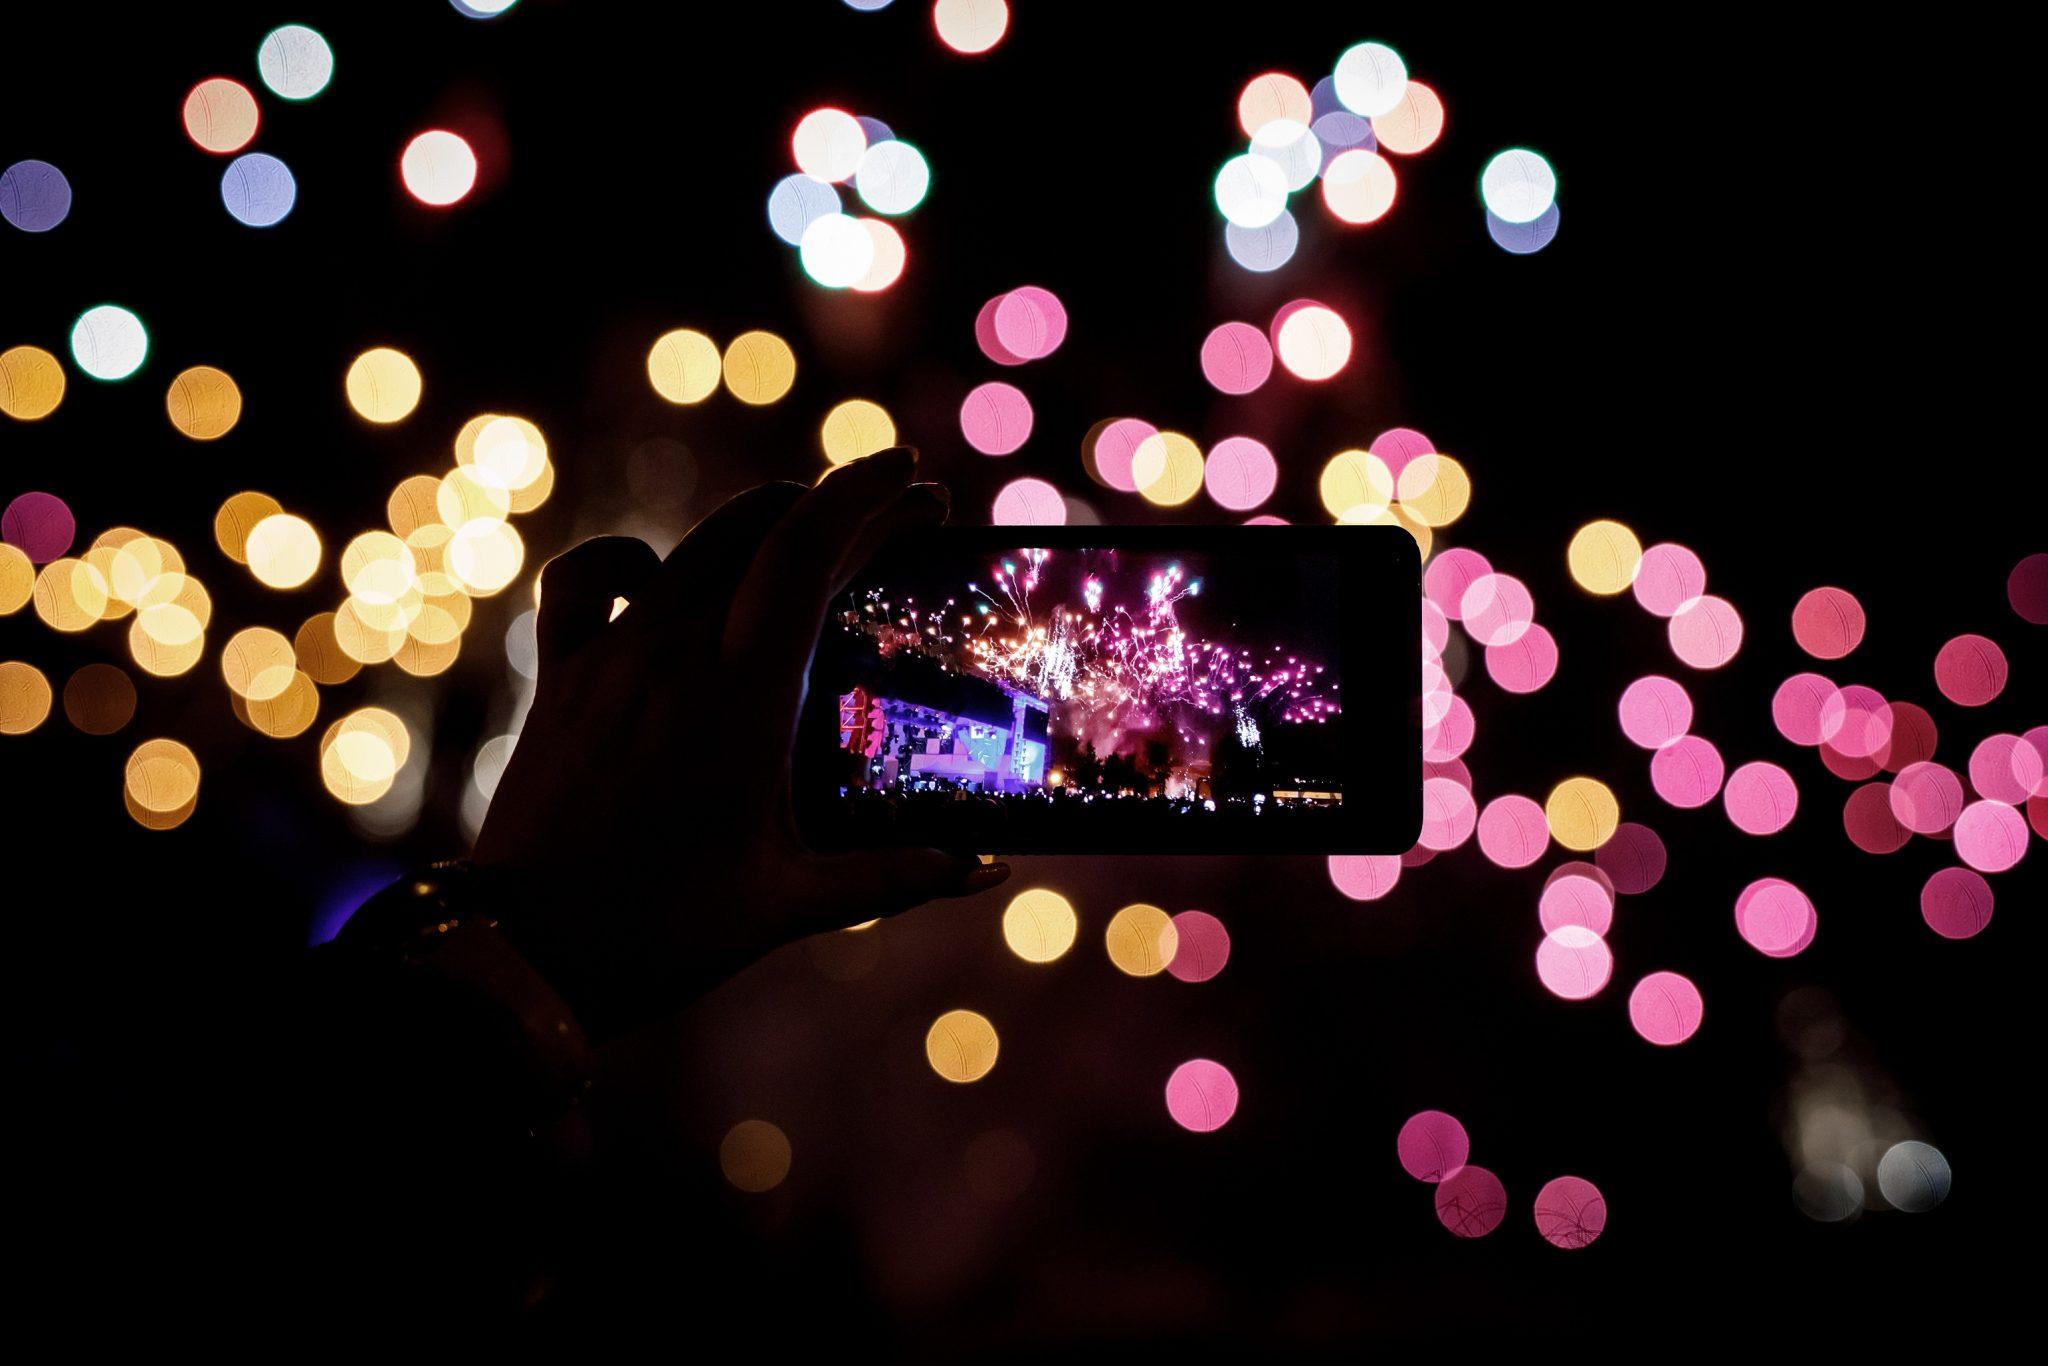 Capodanno 2020: i consigli per essere unici e indimenticabili thumbnail